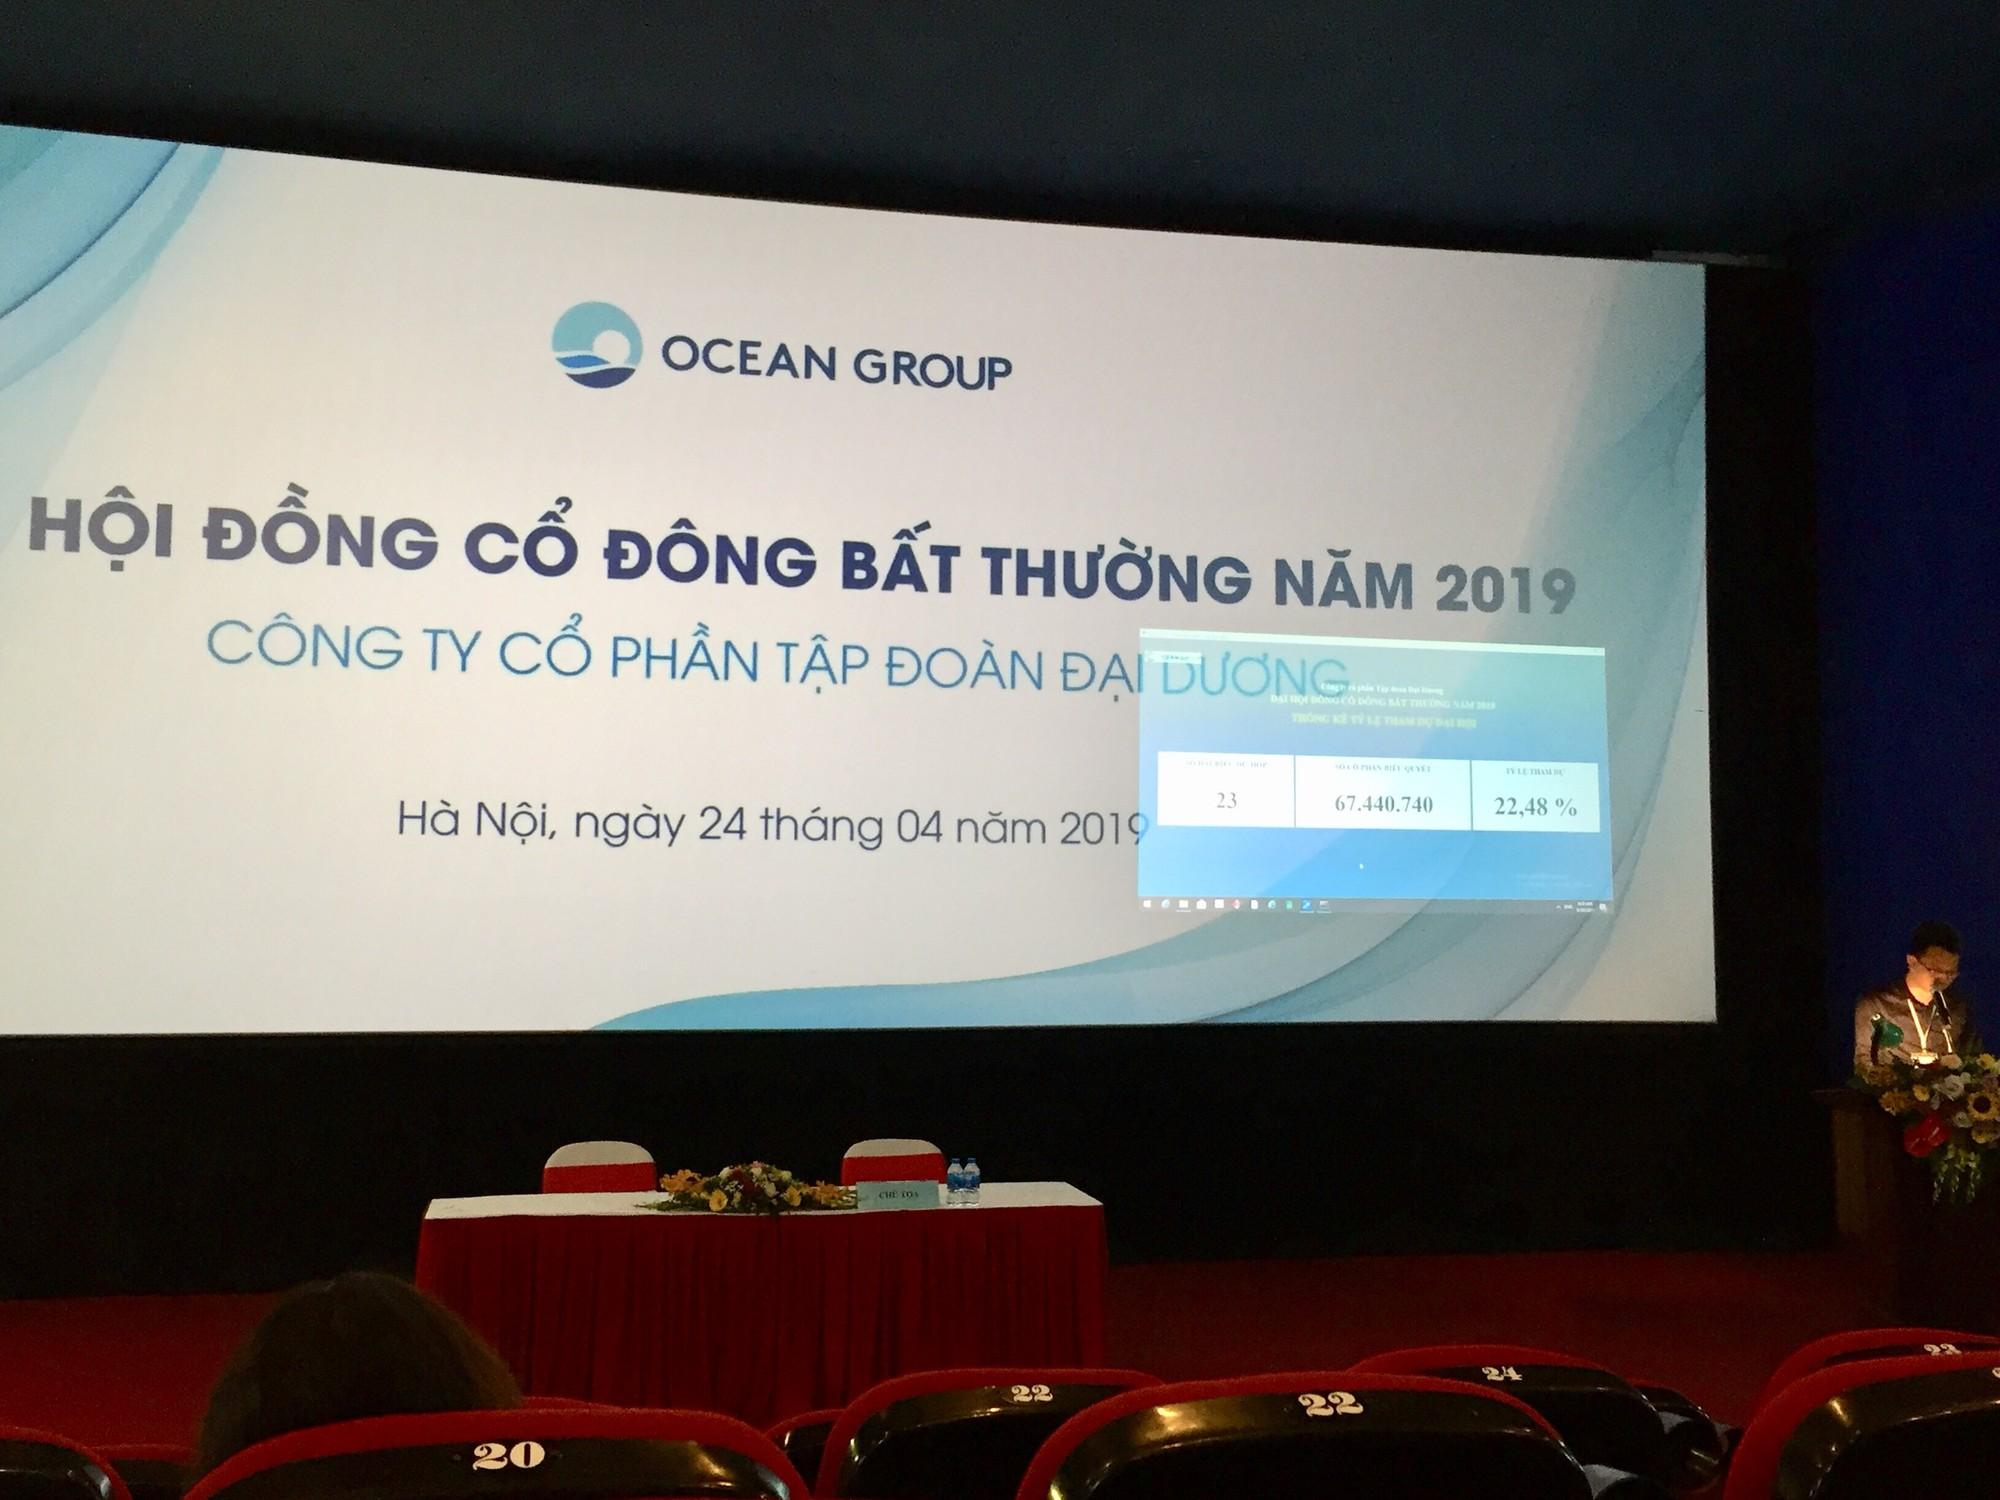 [Video] Nóng chuyện nhân sự cấp cao OceanGroup: Chưa thể bãi nhiệm anh trai ông Hà Văn Thắm và bổ nhiệm thành viên HĐQT 8x - Ảnh 1.